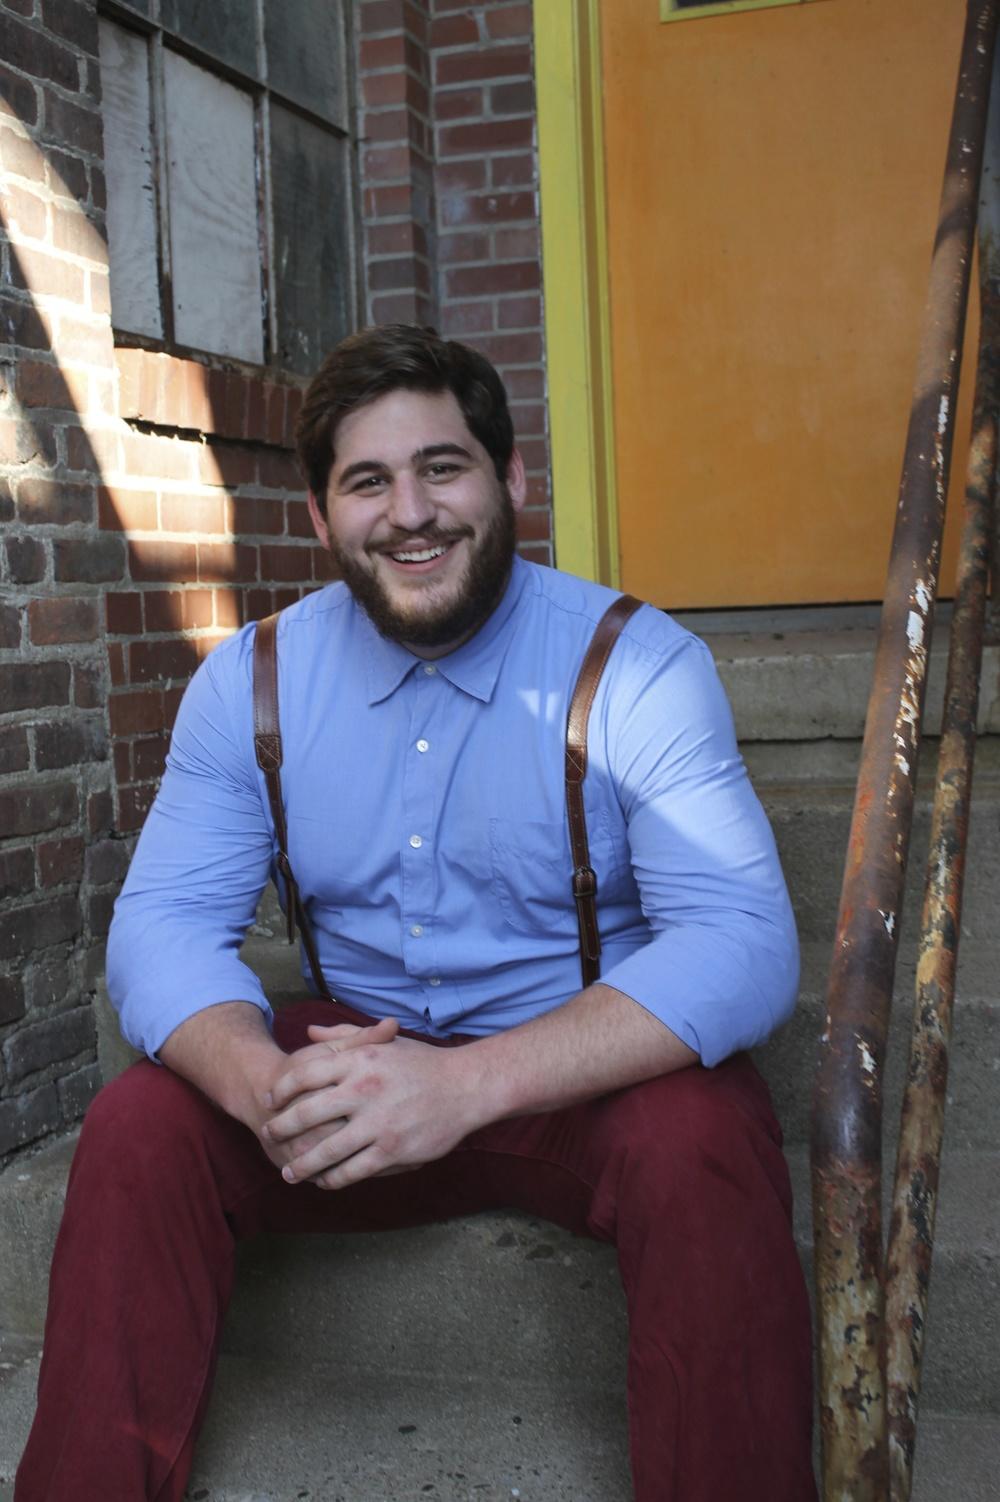 Men fat picture 44